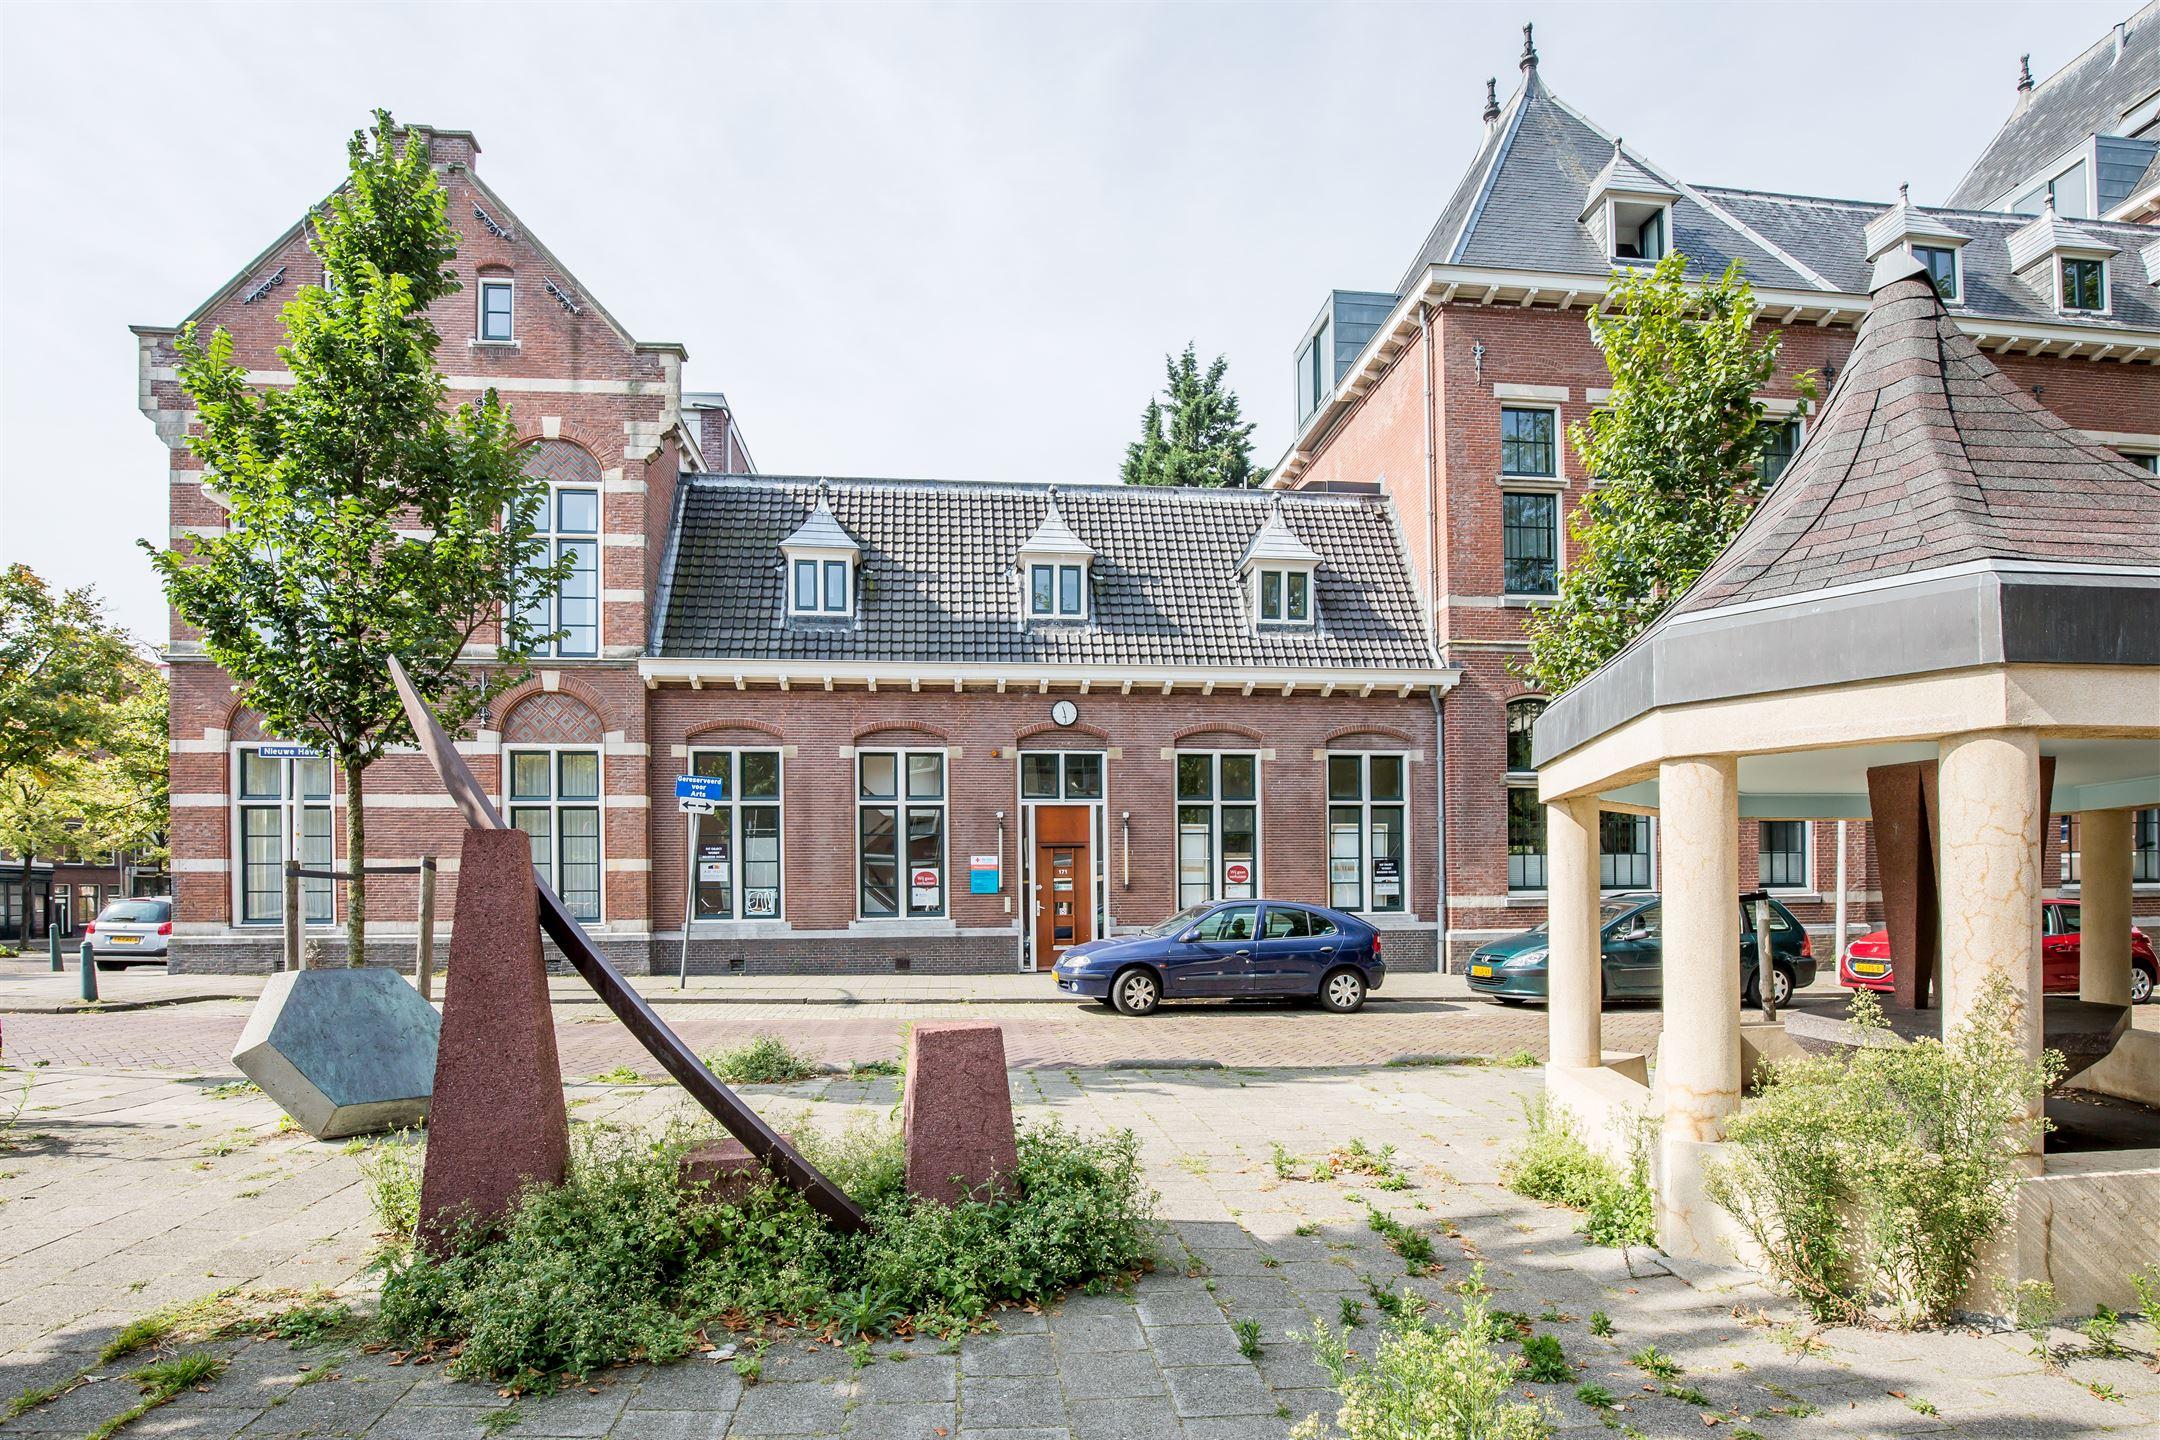 Verkocht nieuwe haven 171 2511 xj den haag funda for Huis te koop den haag